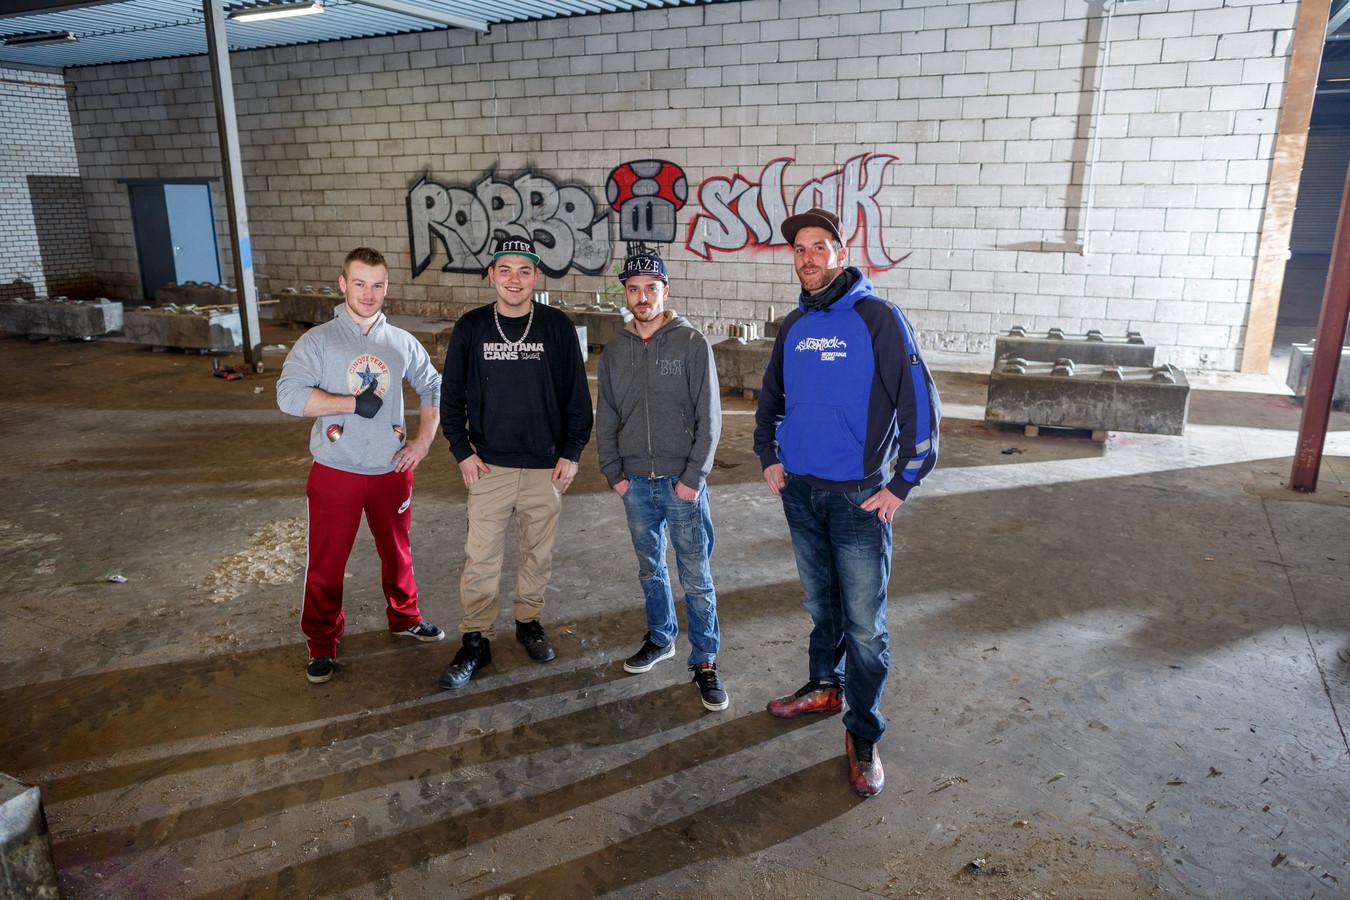 The Loods Graffiti Hall of Fame is een van de genomineerden voor de cultuurprijs in Roosendaal.